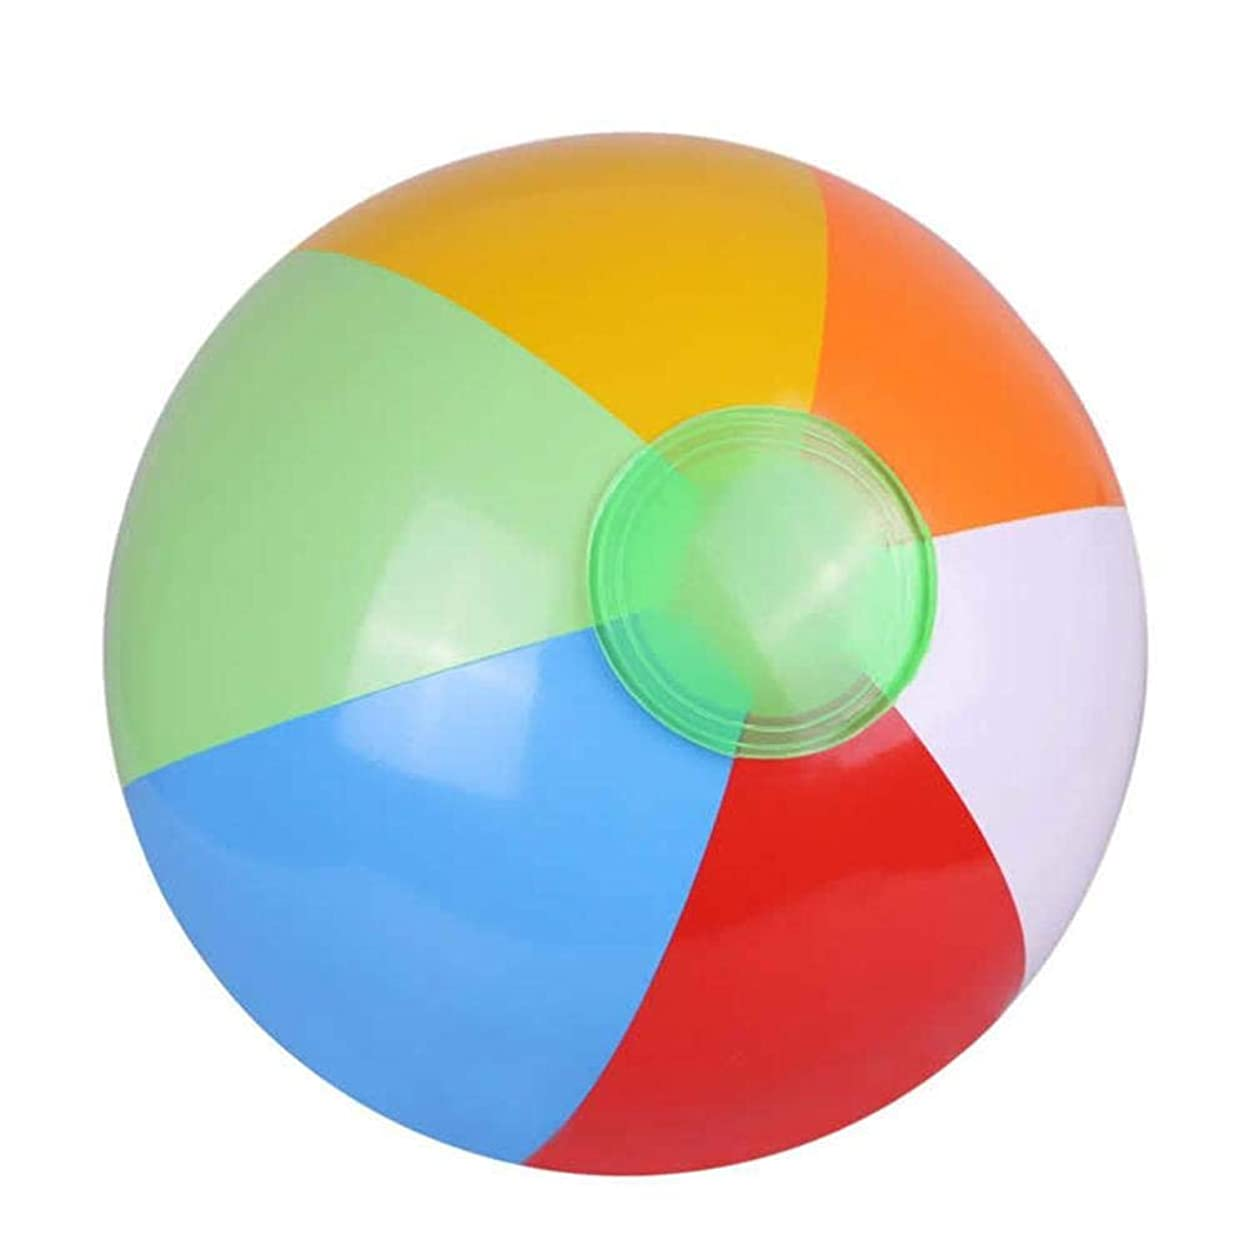 ラッドヤードキップリング阻害するヘビー環境に優しいポリ塩化ビニールの膨脹可能な6部分色の球さまざまなおもちゃのビーチボールランダム色SNOWVIRTUOS